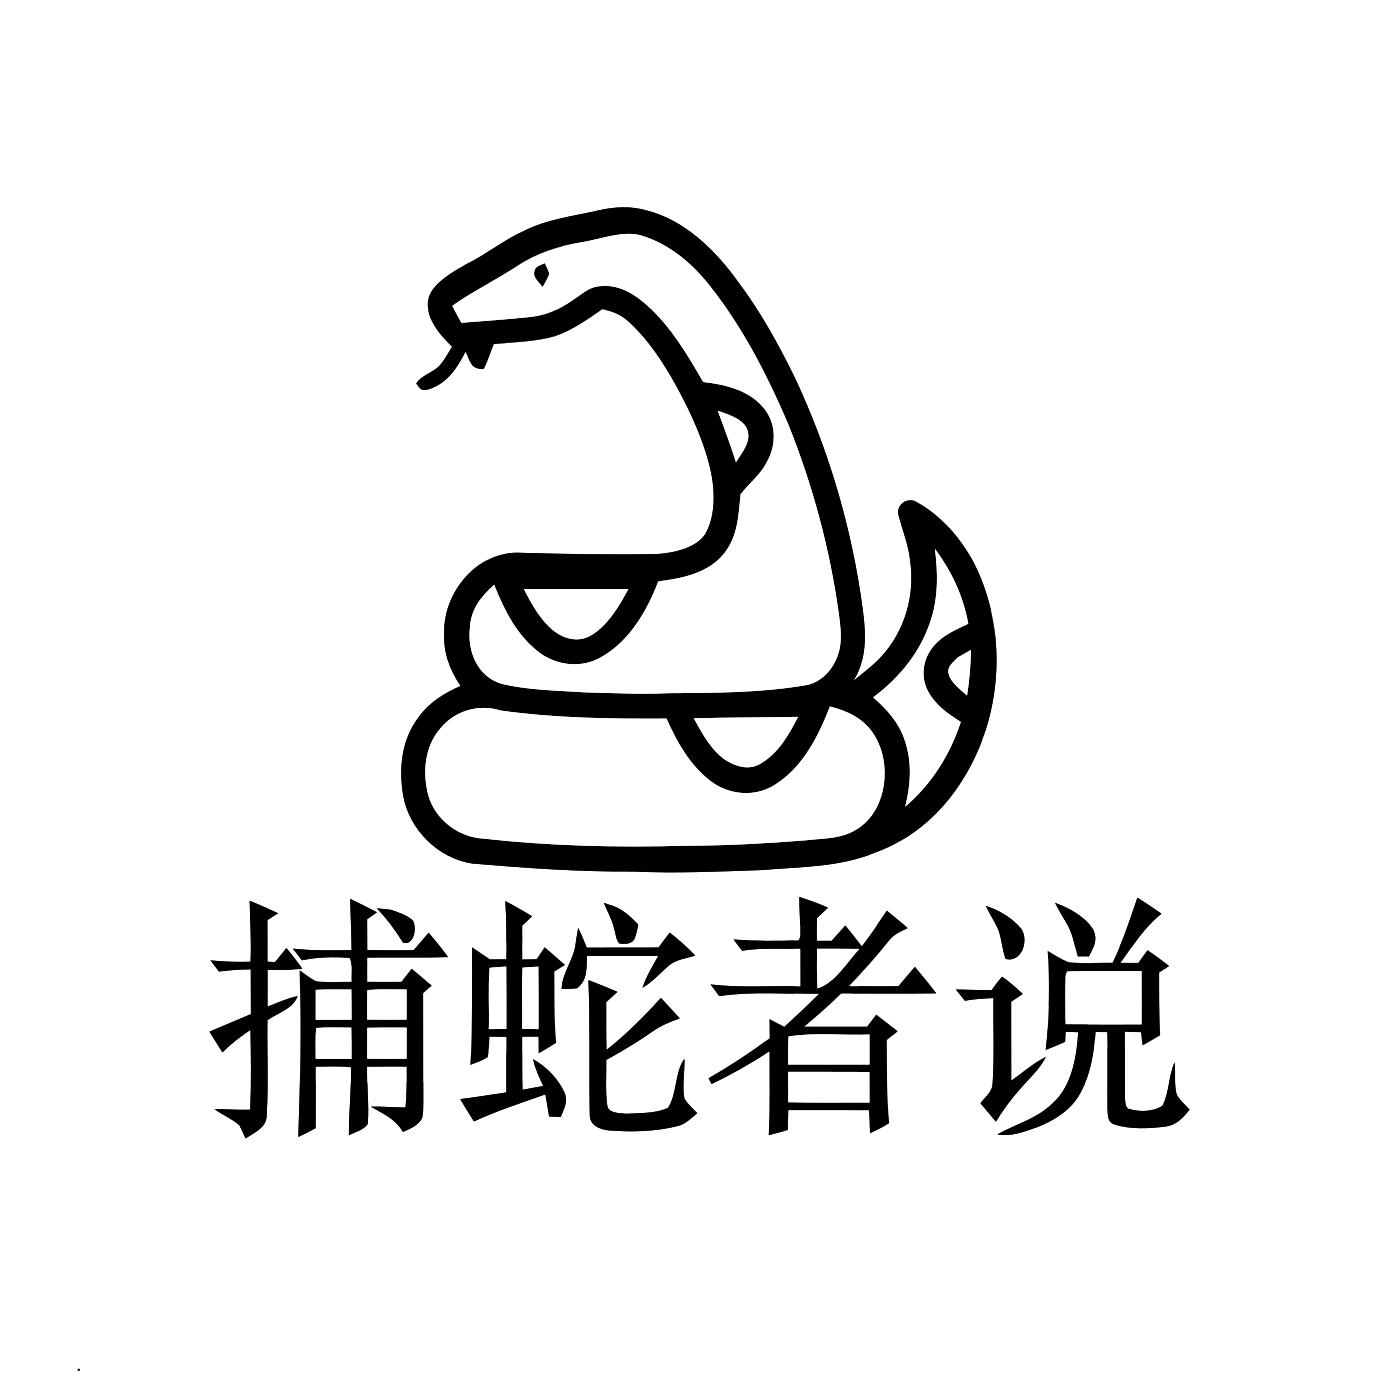 捕蛇者说 Logo